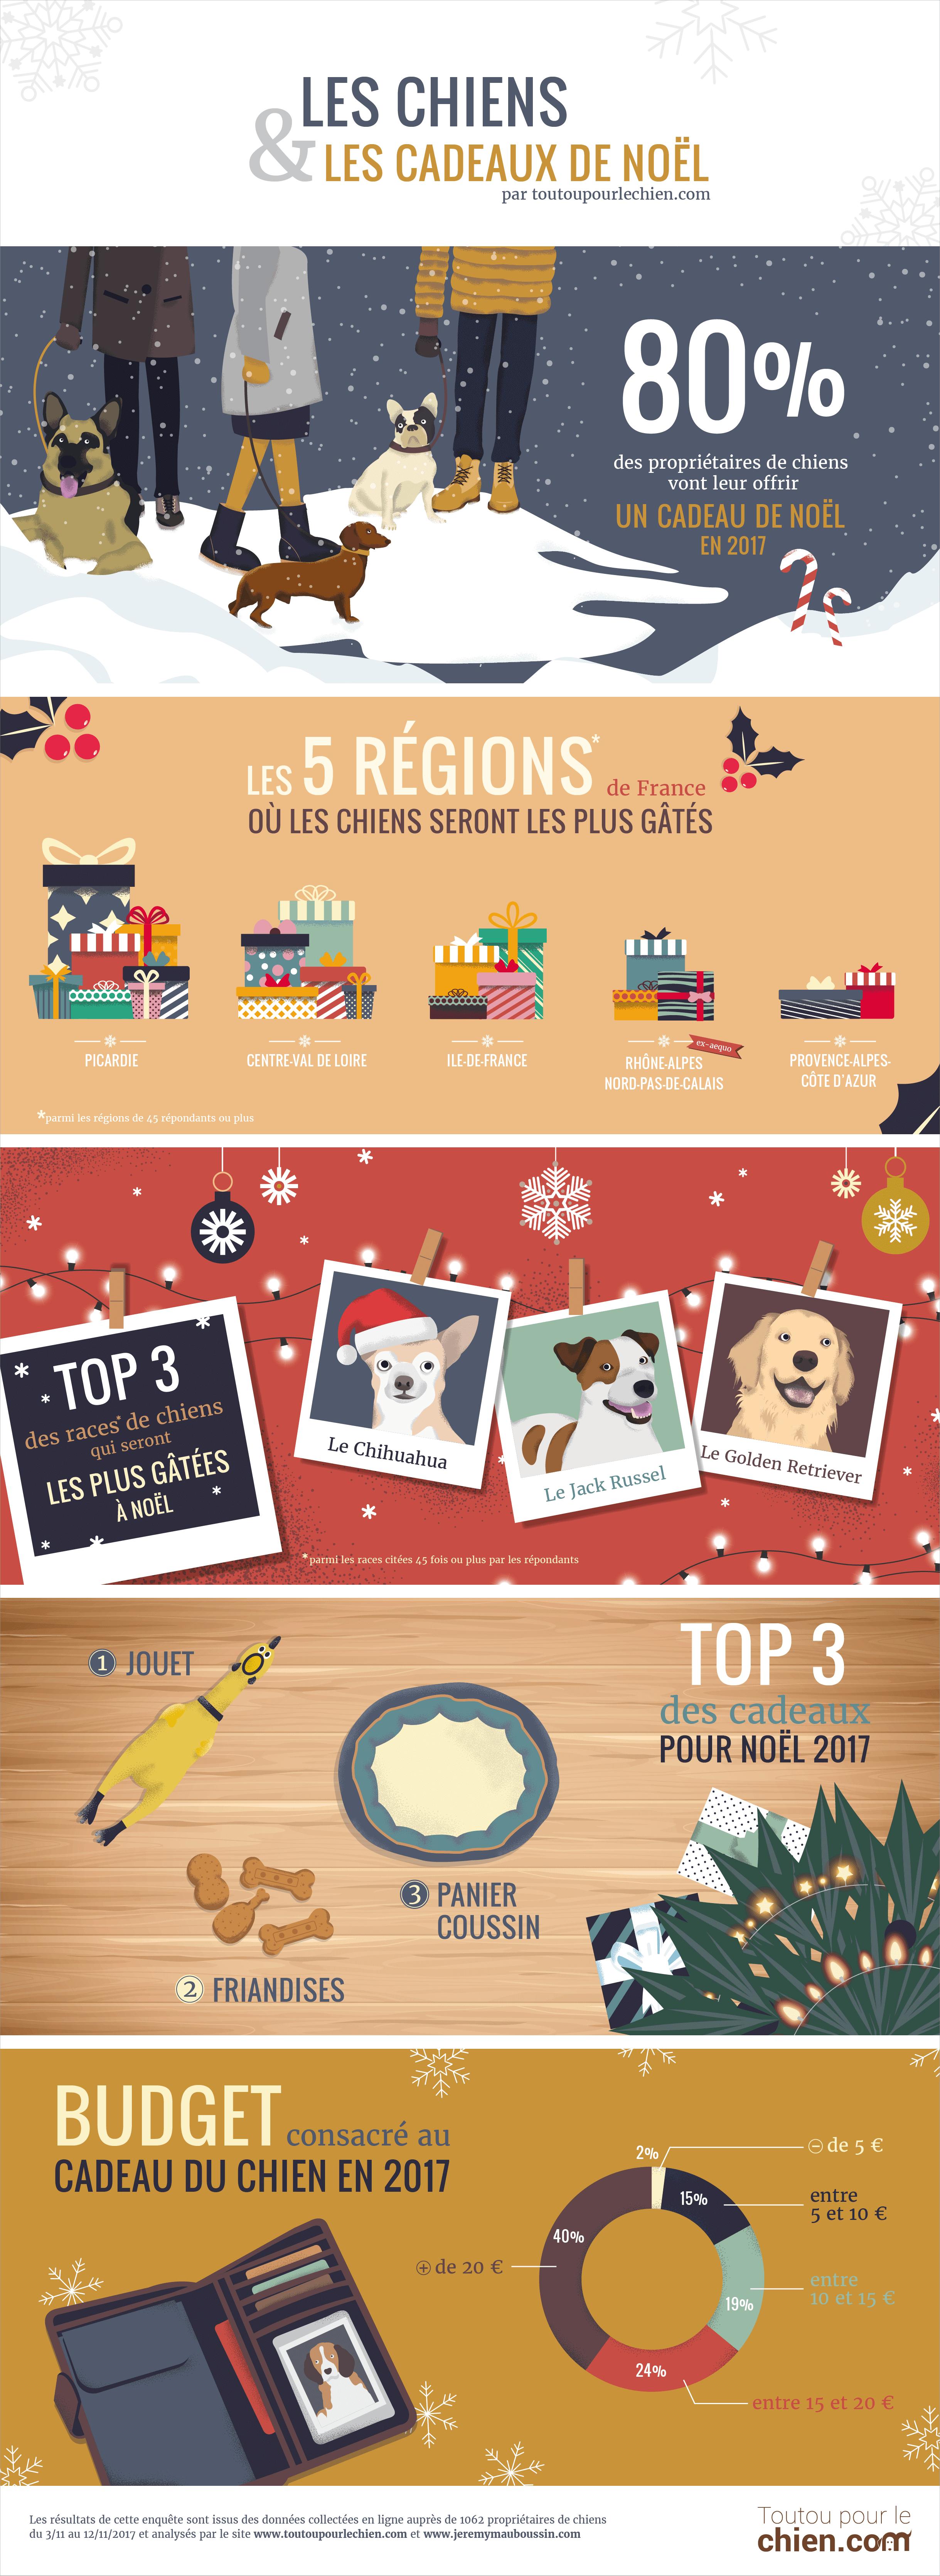 infographie les chiens et les cadeaux de Noël